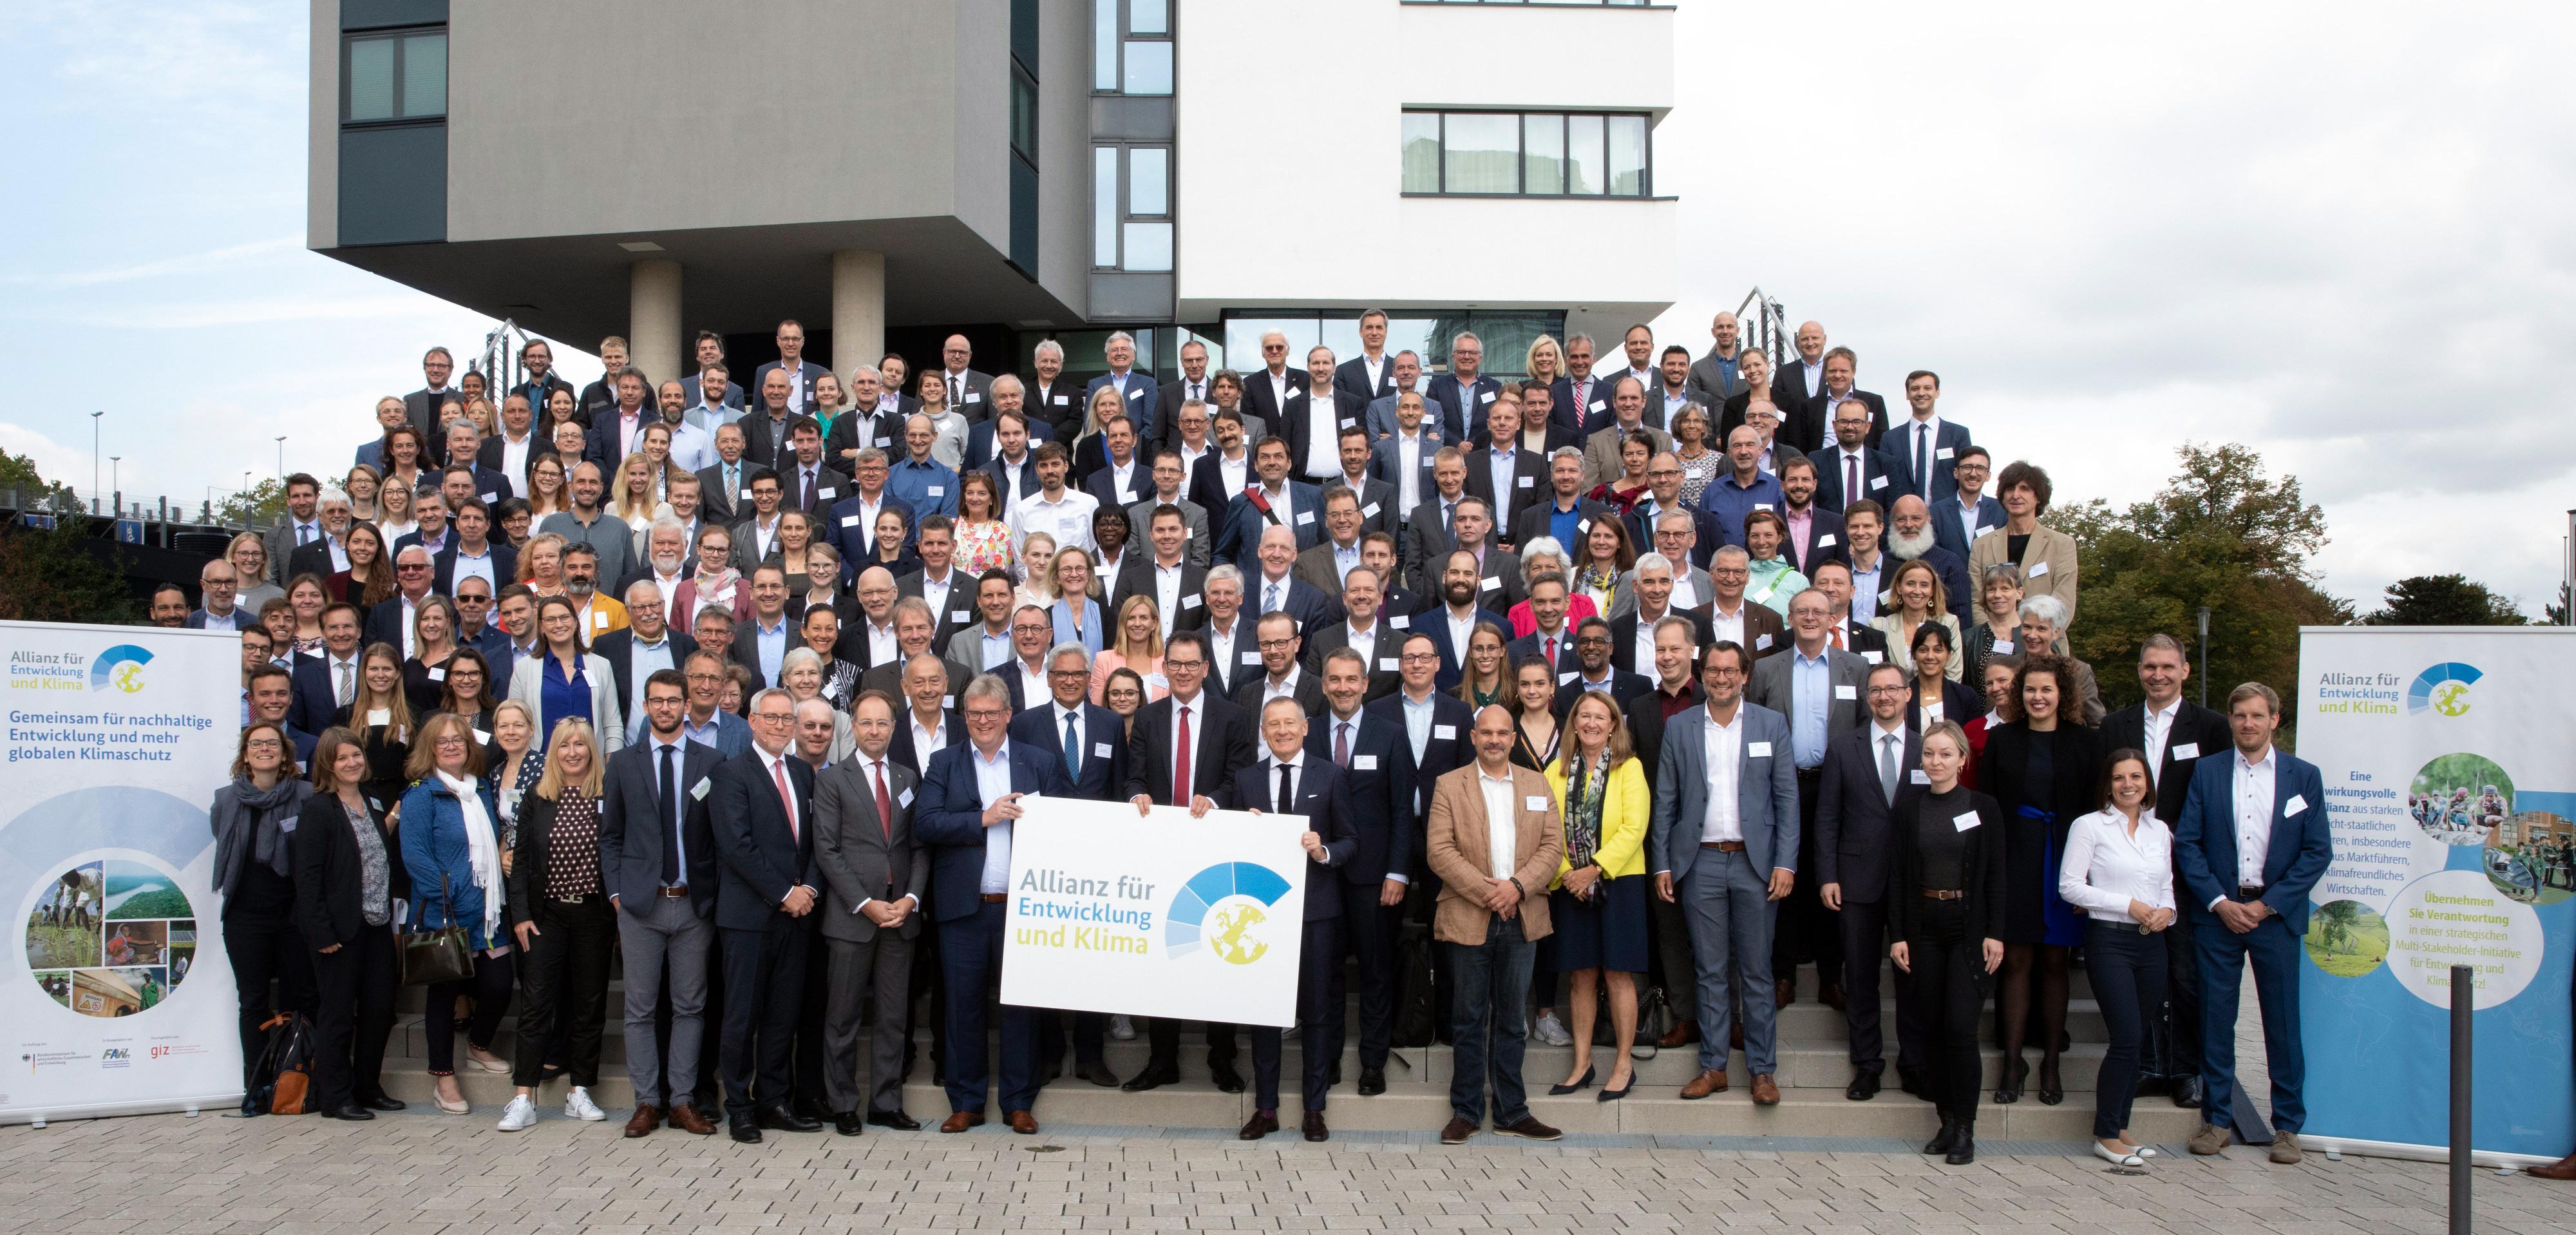 Bundesentwicklungsminister Gerd Müllerauf dem Treffen des Unterstützerkreises der Allianz für Entwicklung und Klima in Bonn, 17.09.2019.